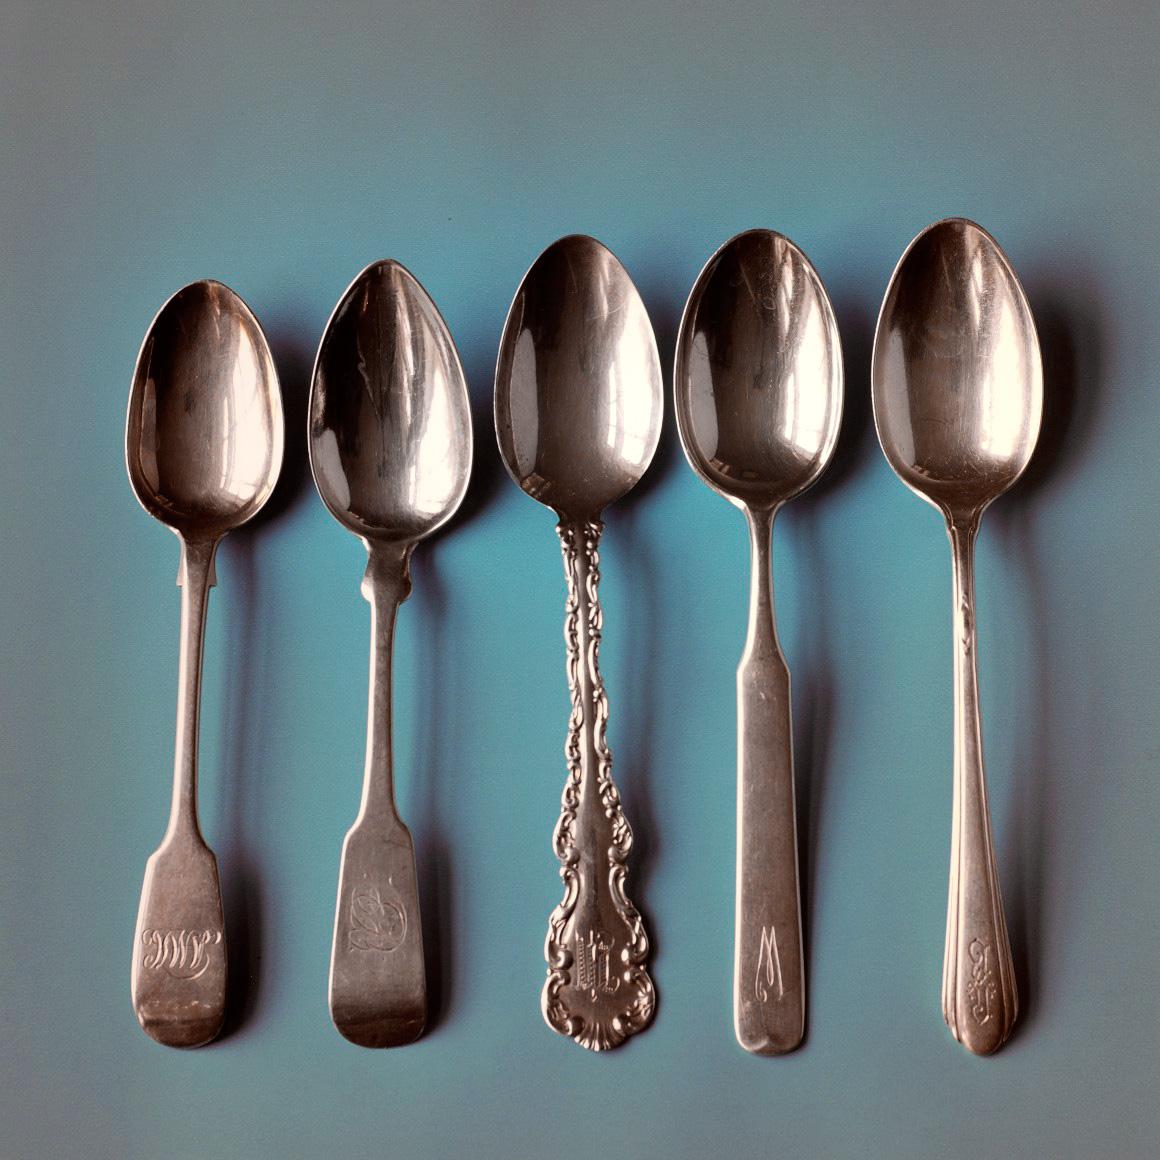 Reordering My Teaspoons